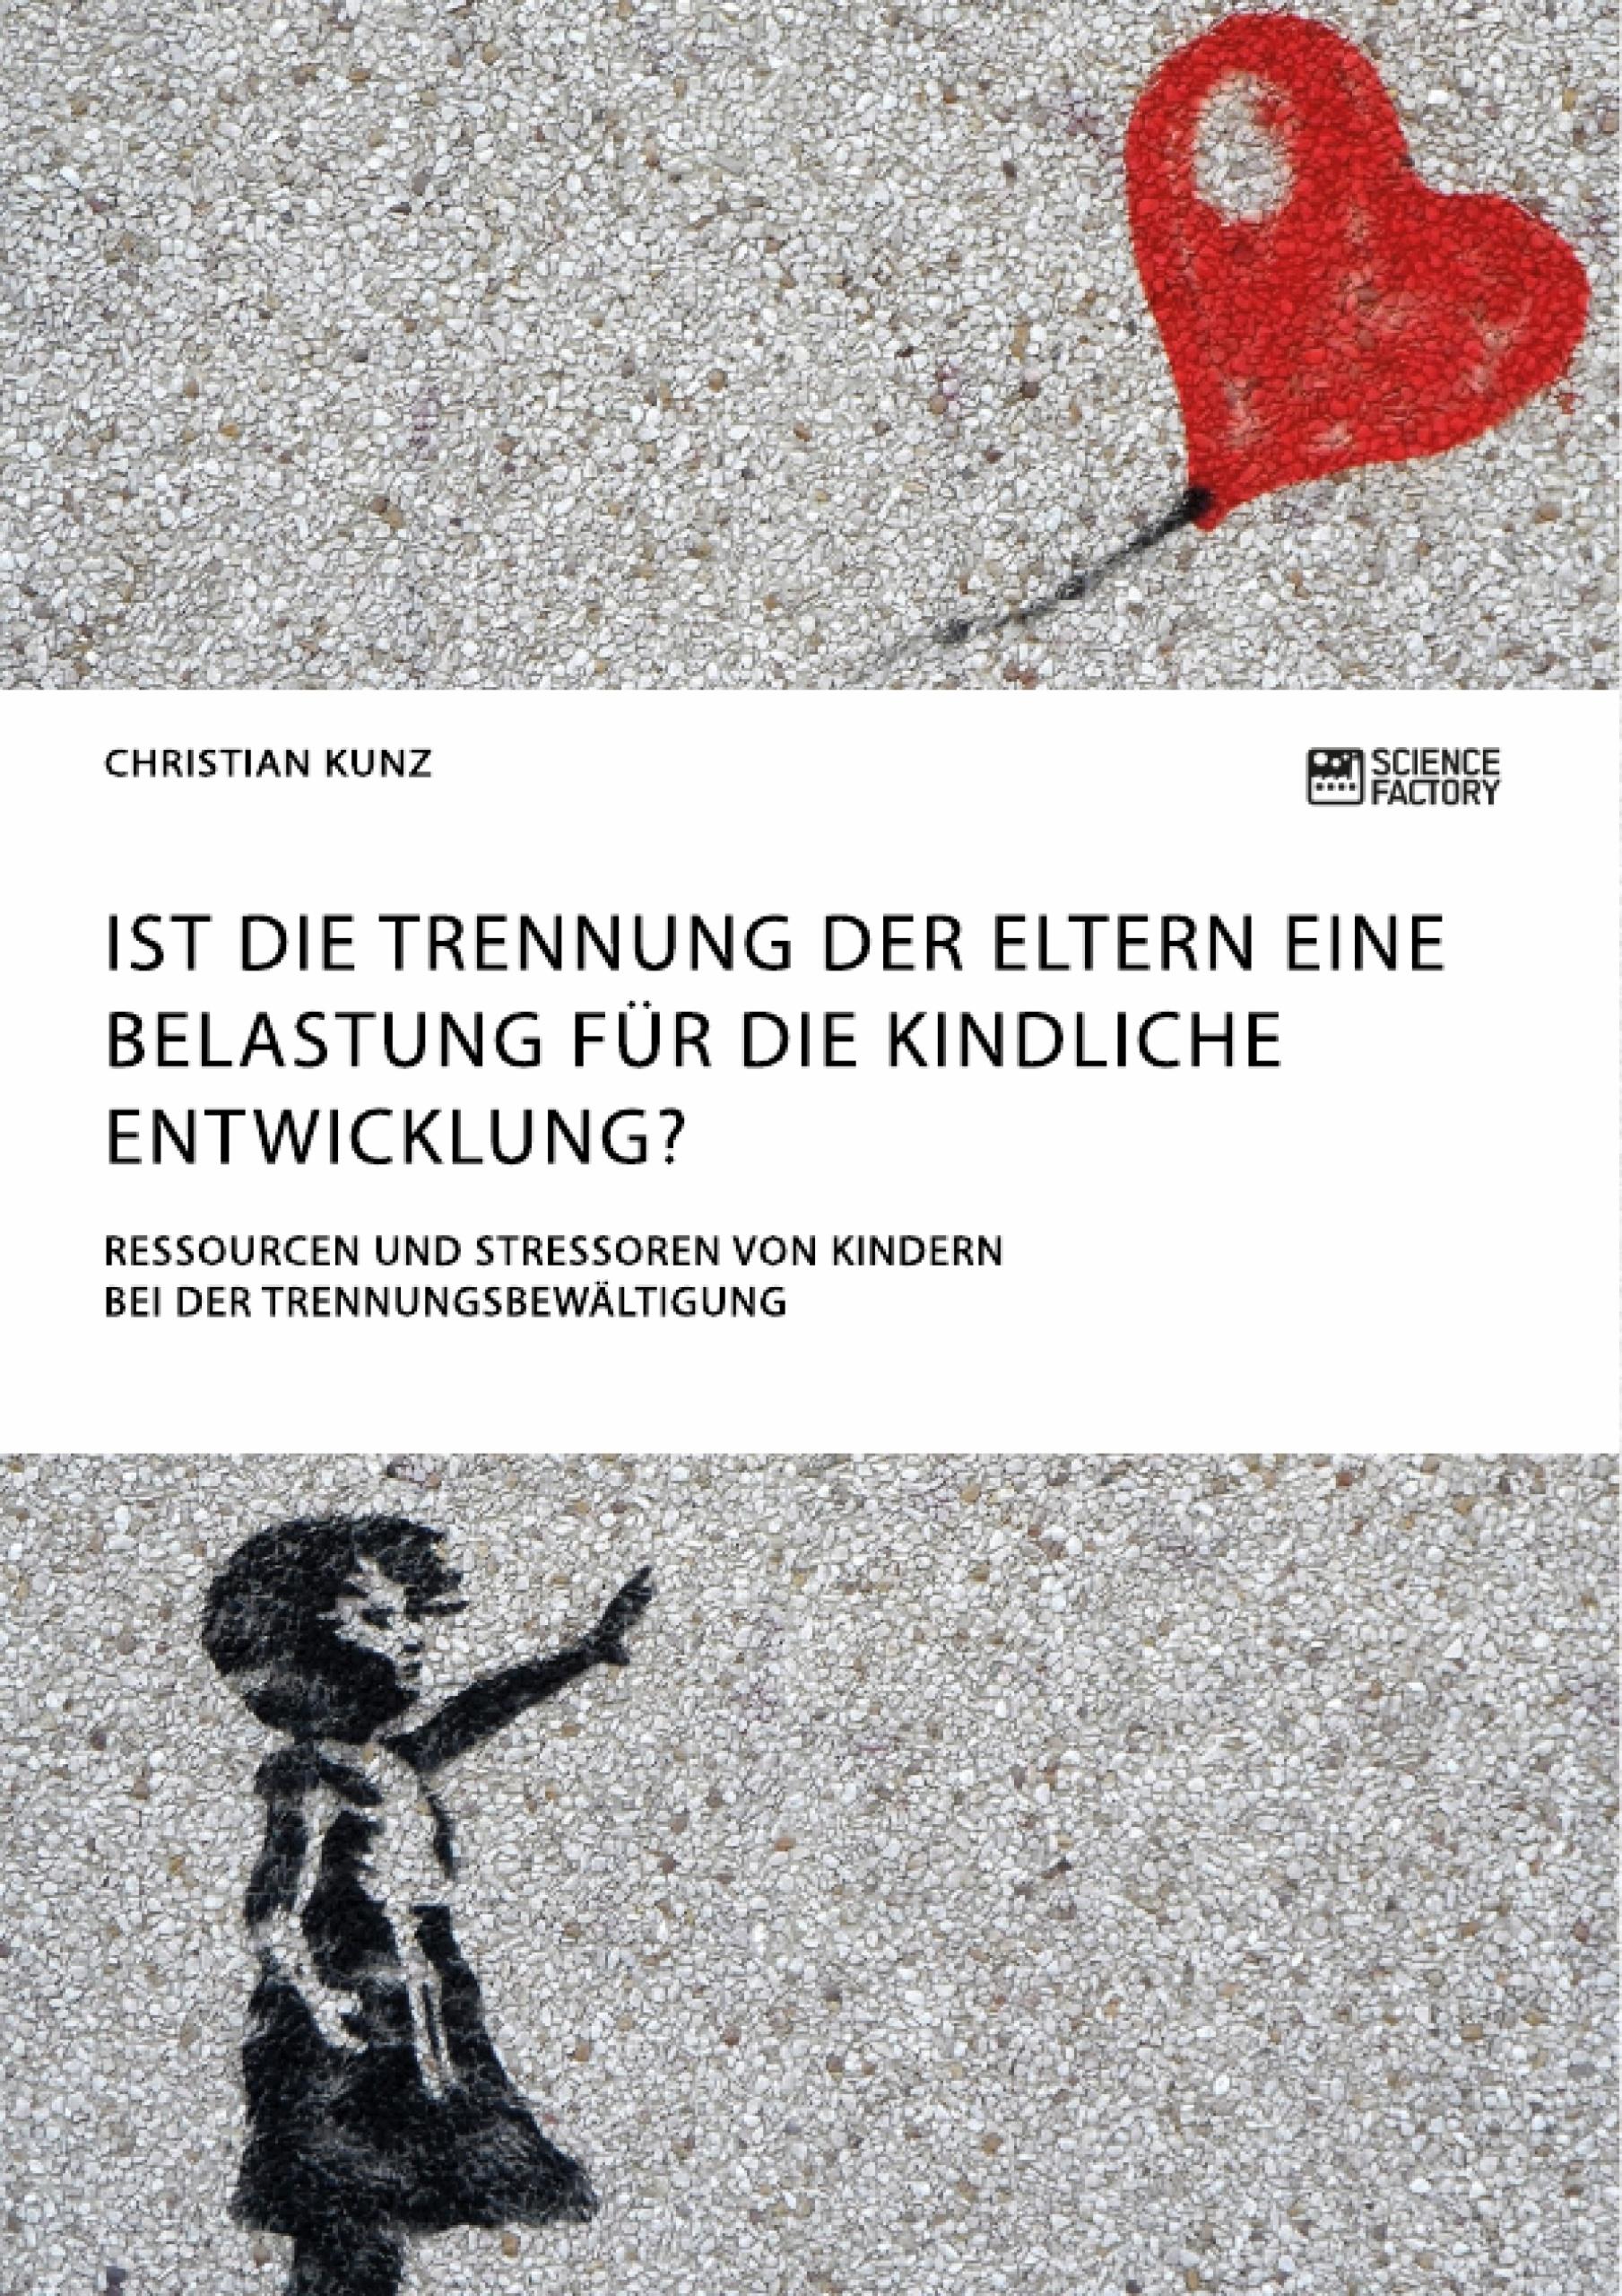 Titel: Ist die Trennung der Eltern eine Belastung für die kindliche Entwicklung? Ressourcen und Stressoren von Kindern bei der Trennungsbewältigung